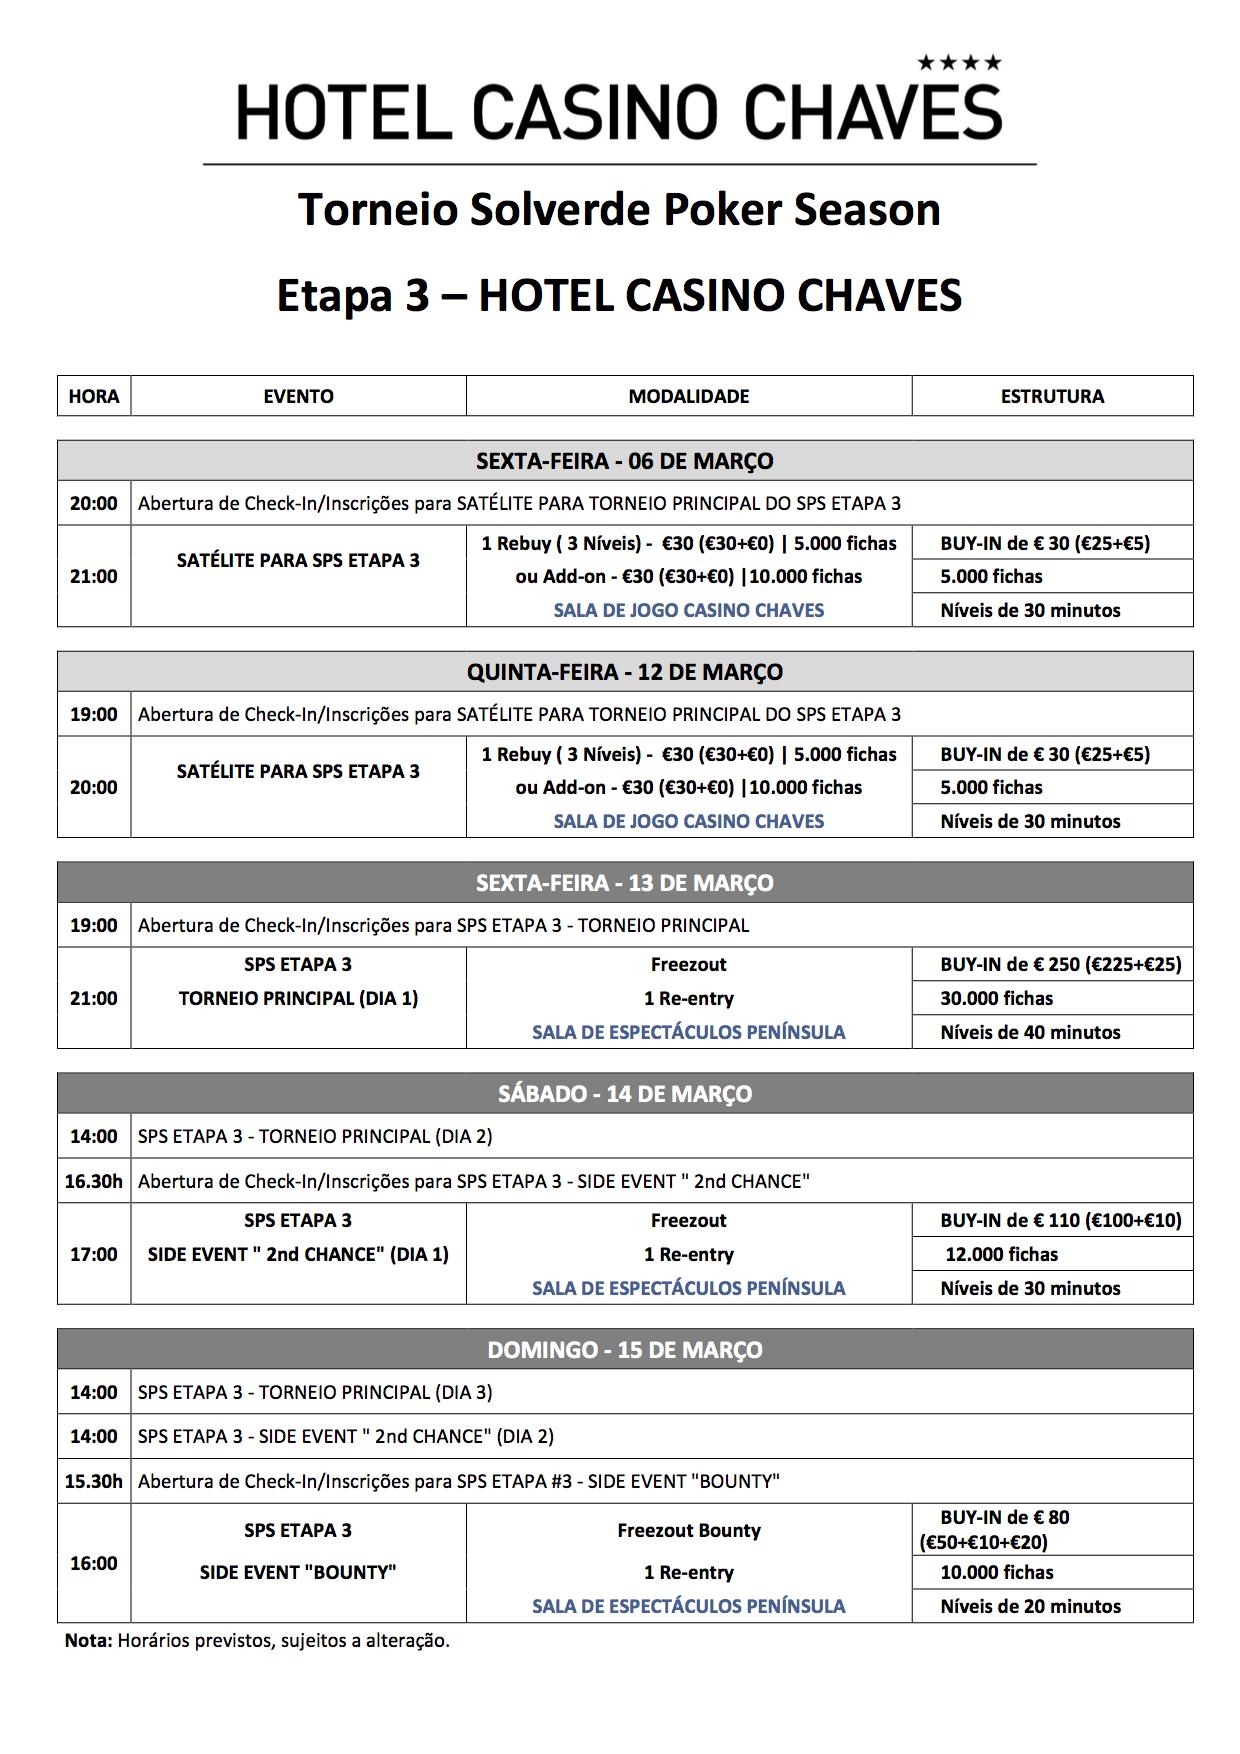 Etapa III Solverde Season 2015 Arranca Hoje em Chaves 101